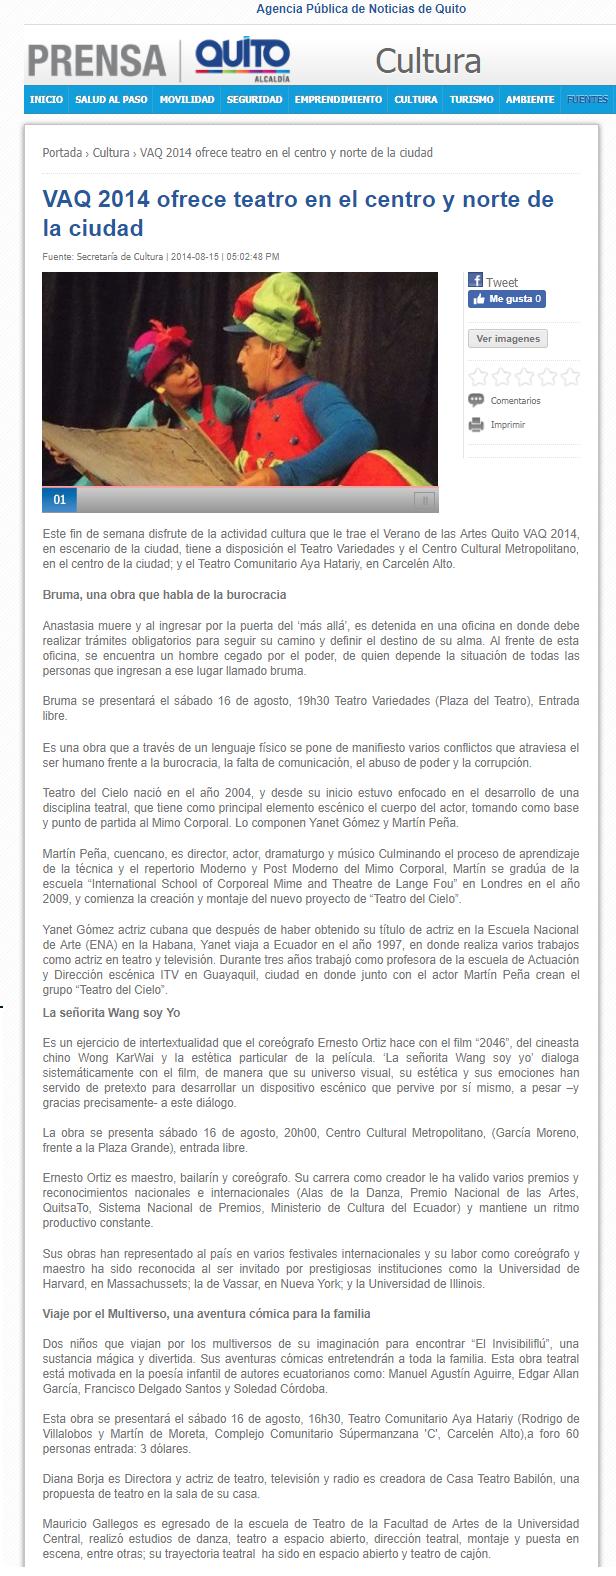 2014 08 15 - Noticias MQ - VAQ 2014 ofrece teatro en el centro y norte de la ciudad Resumen